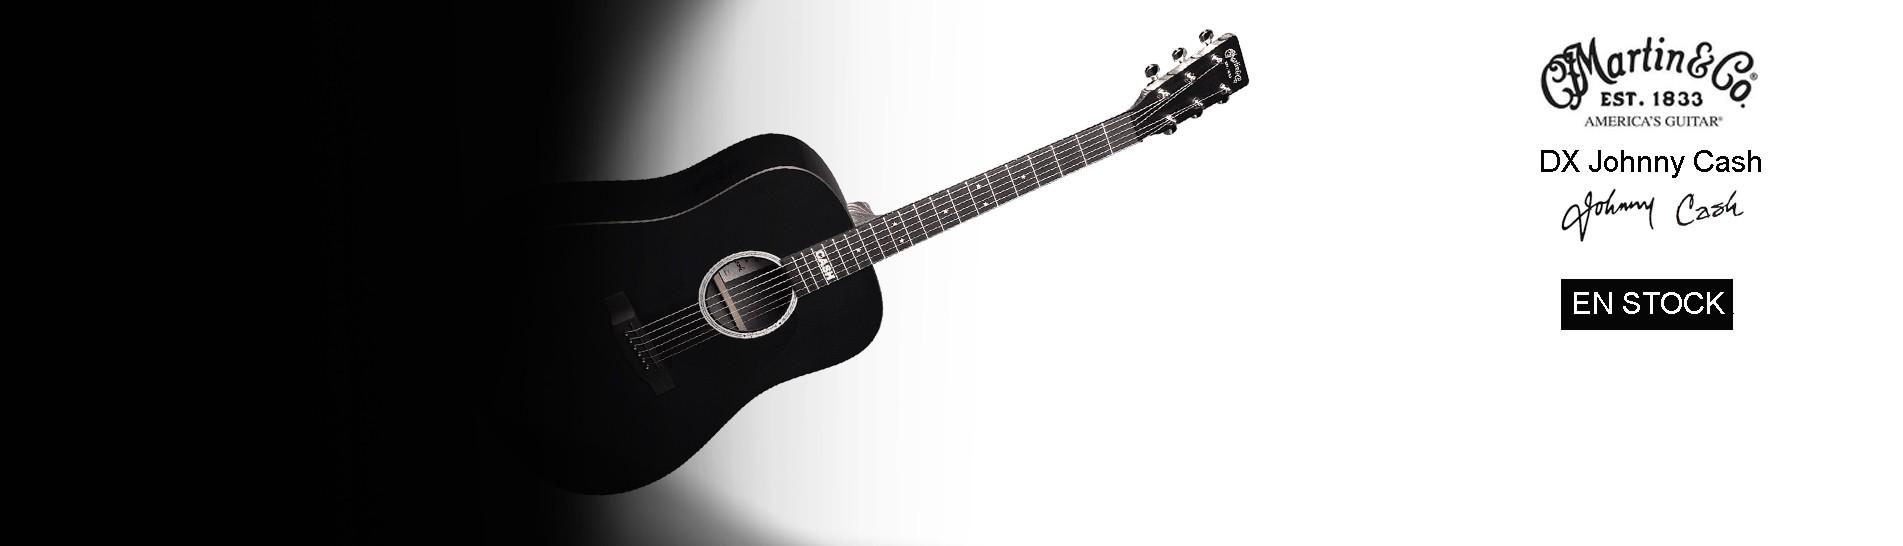 Martin guitare DX Johnny Cash